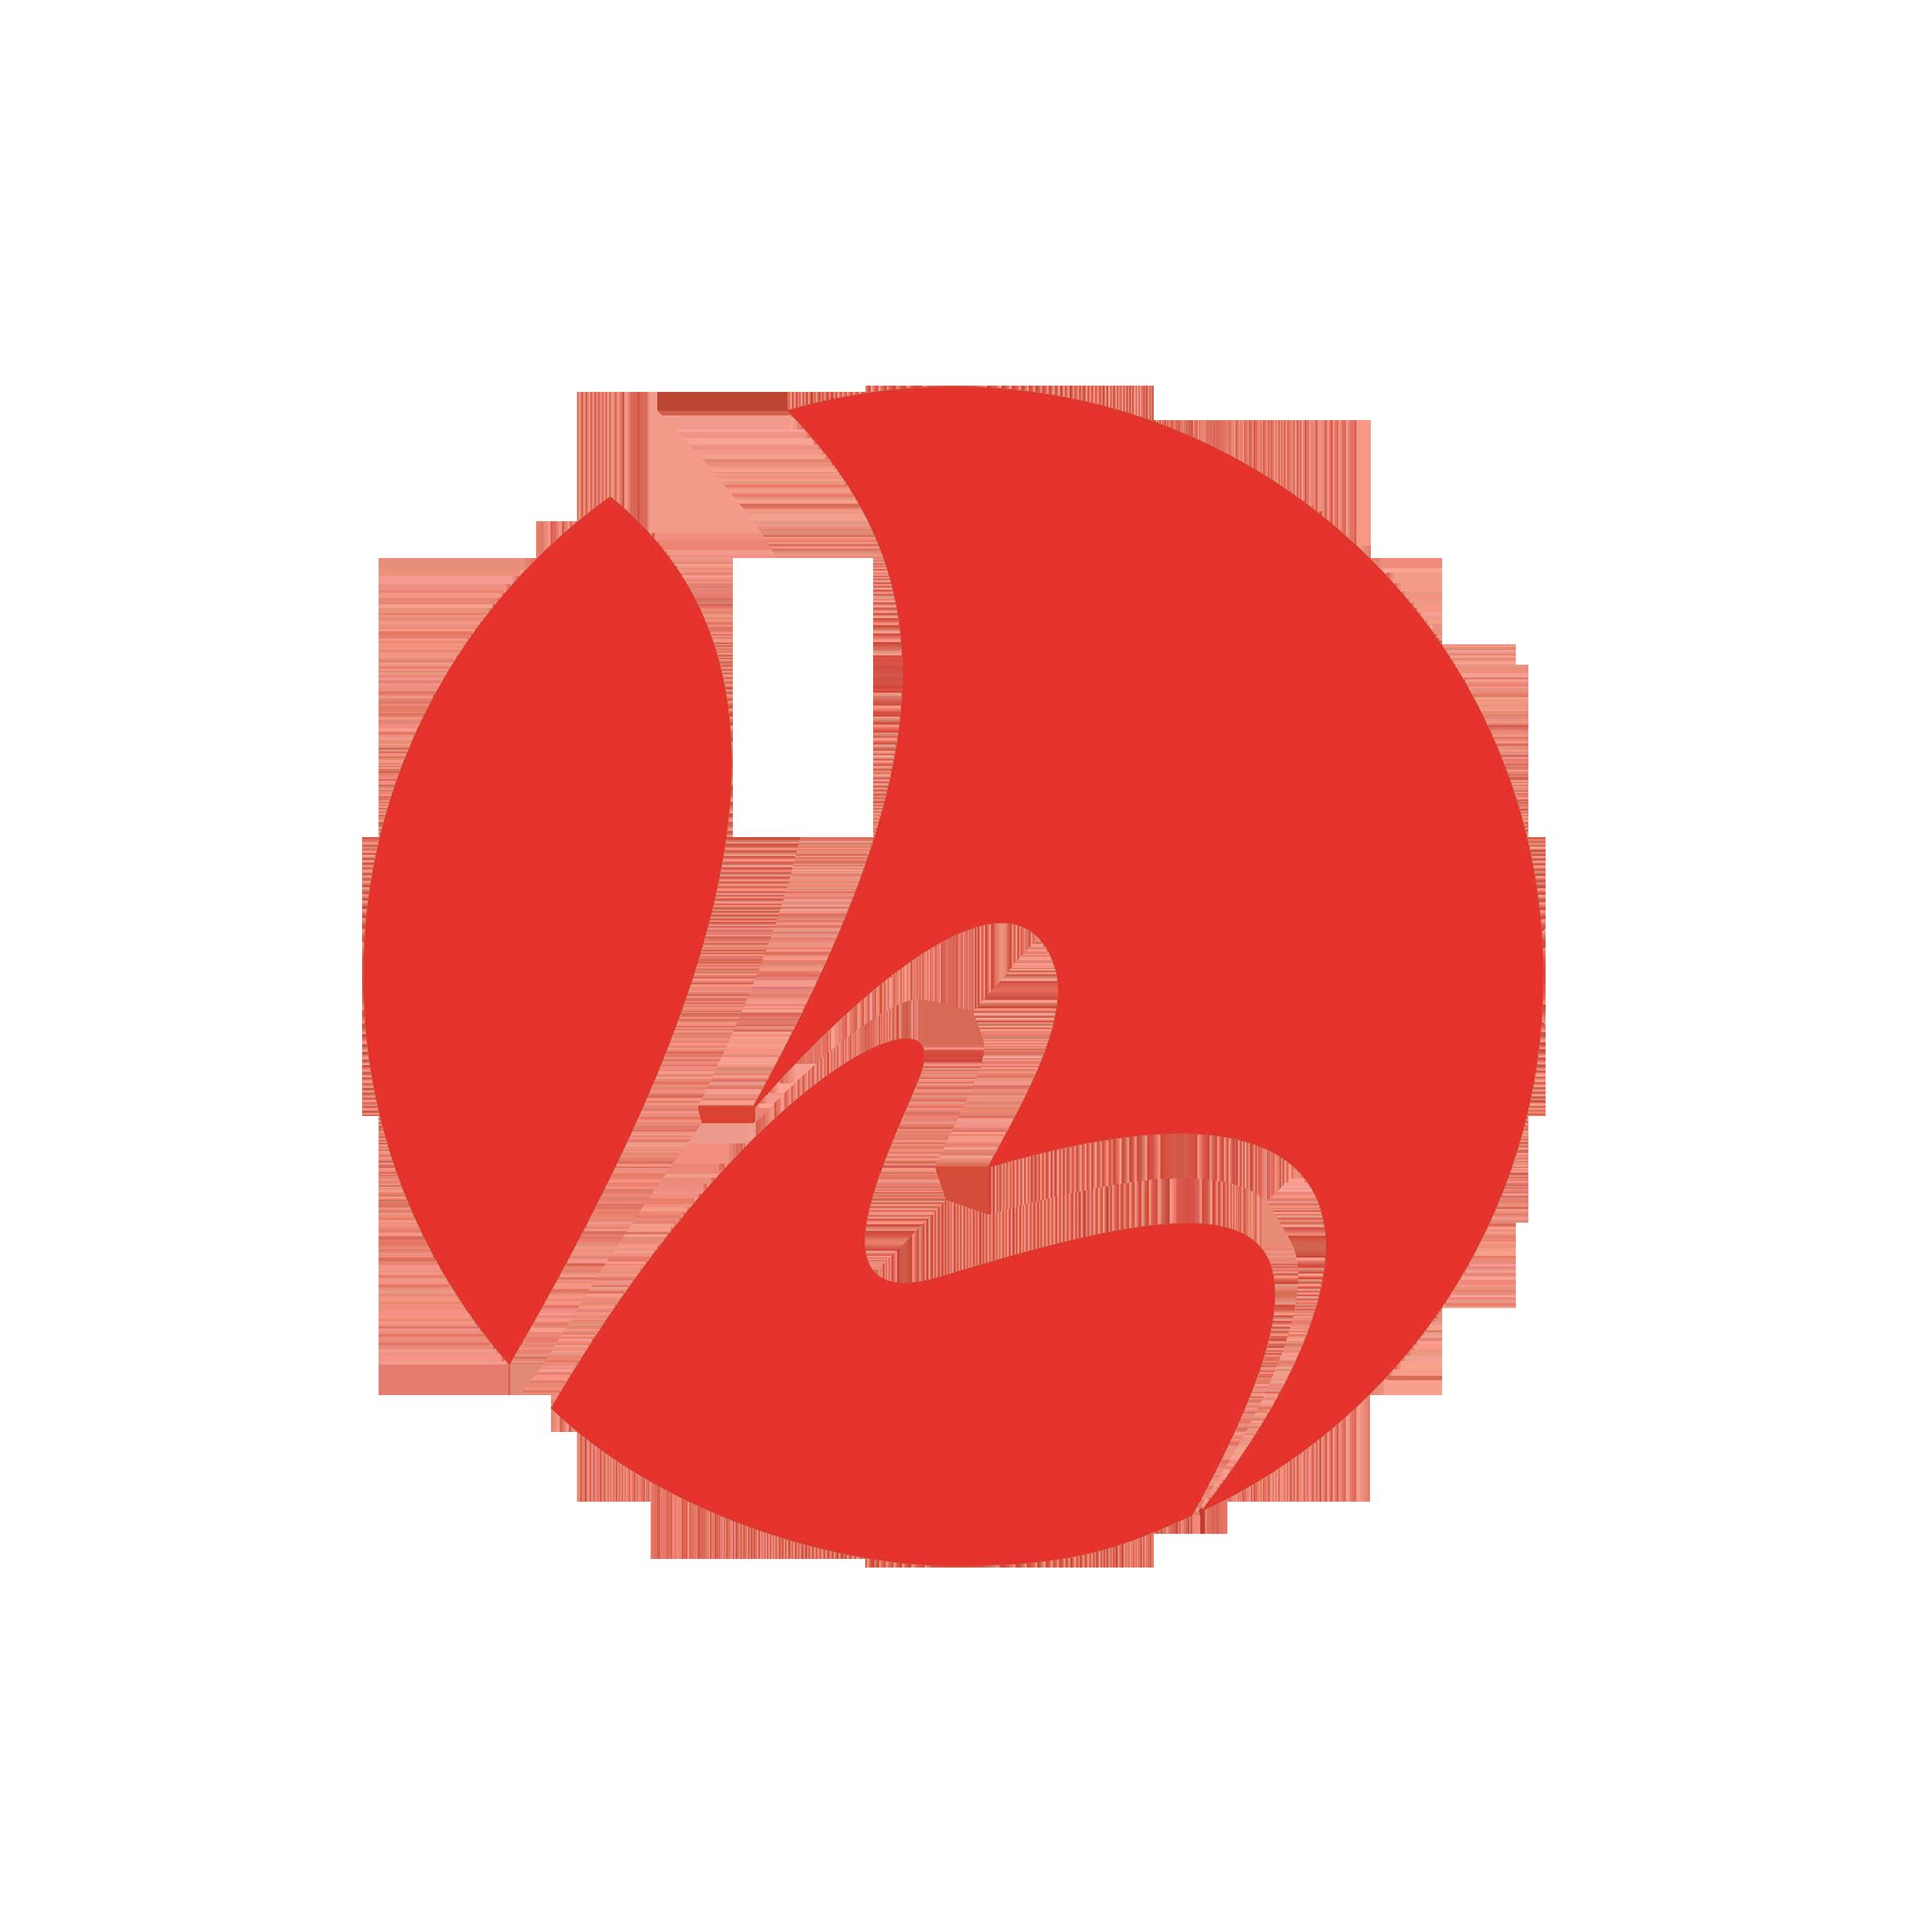 Trung tâm phân phối Trường Giang